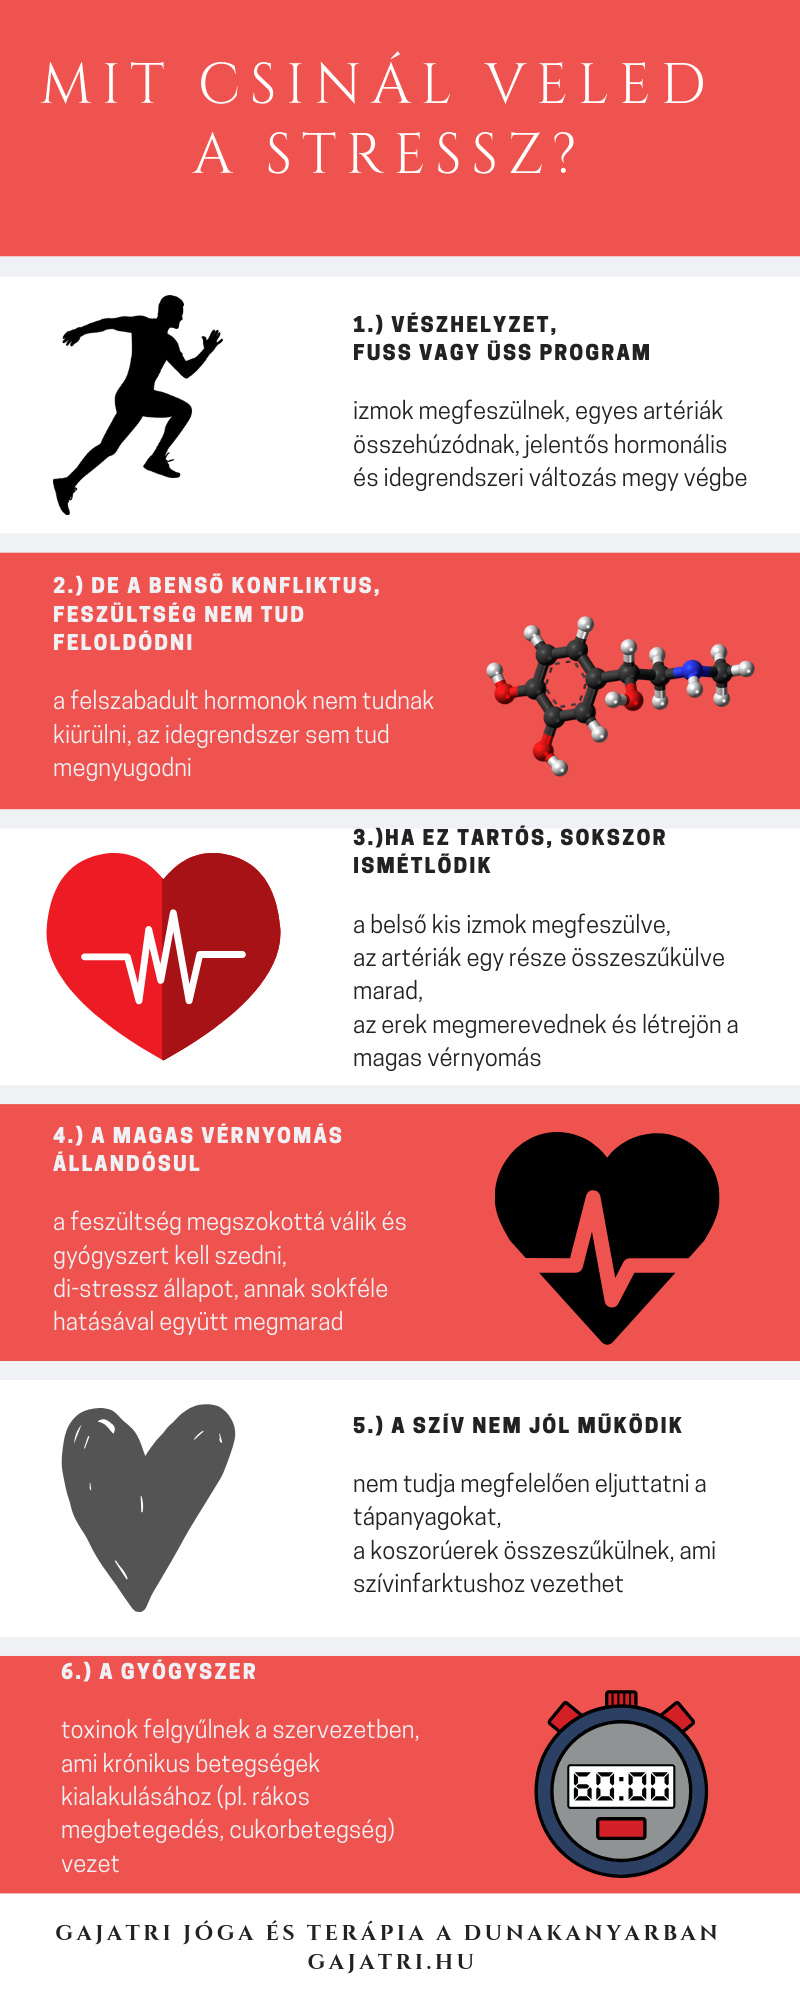 izmok és magas vérnyomás a magas vérnyomásról szóló recept egyszer és mindenkorra gyógyul